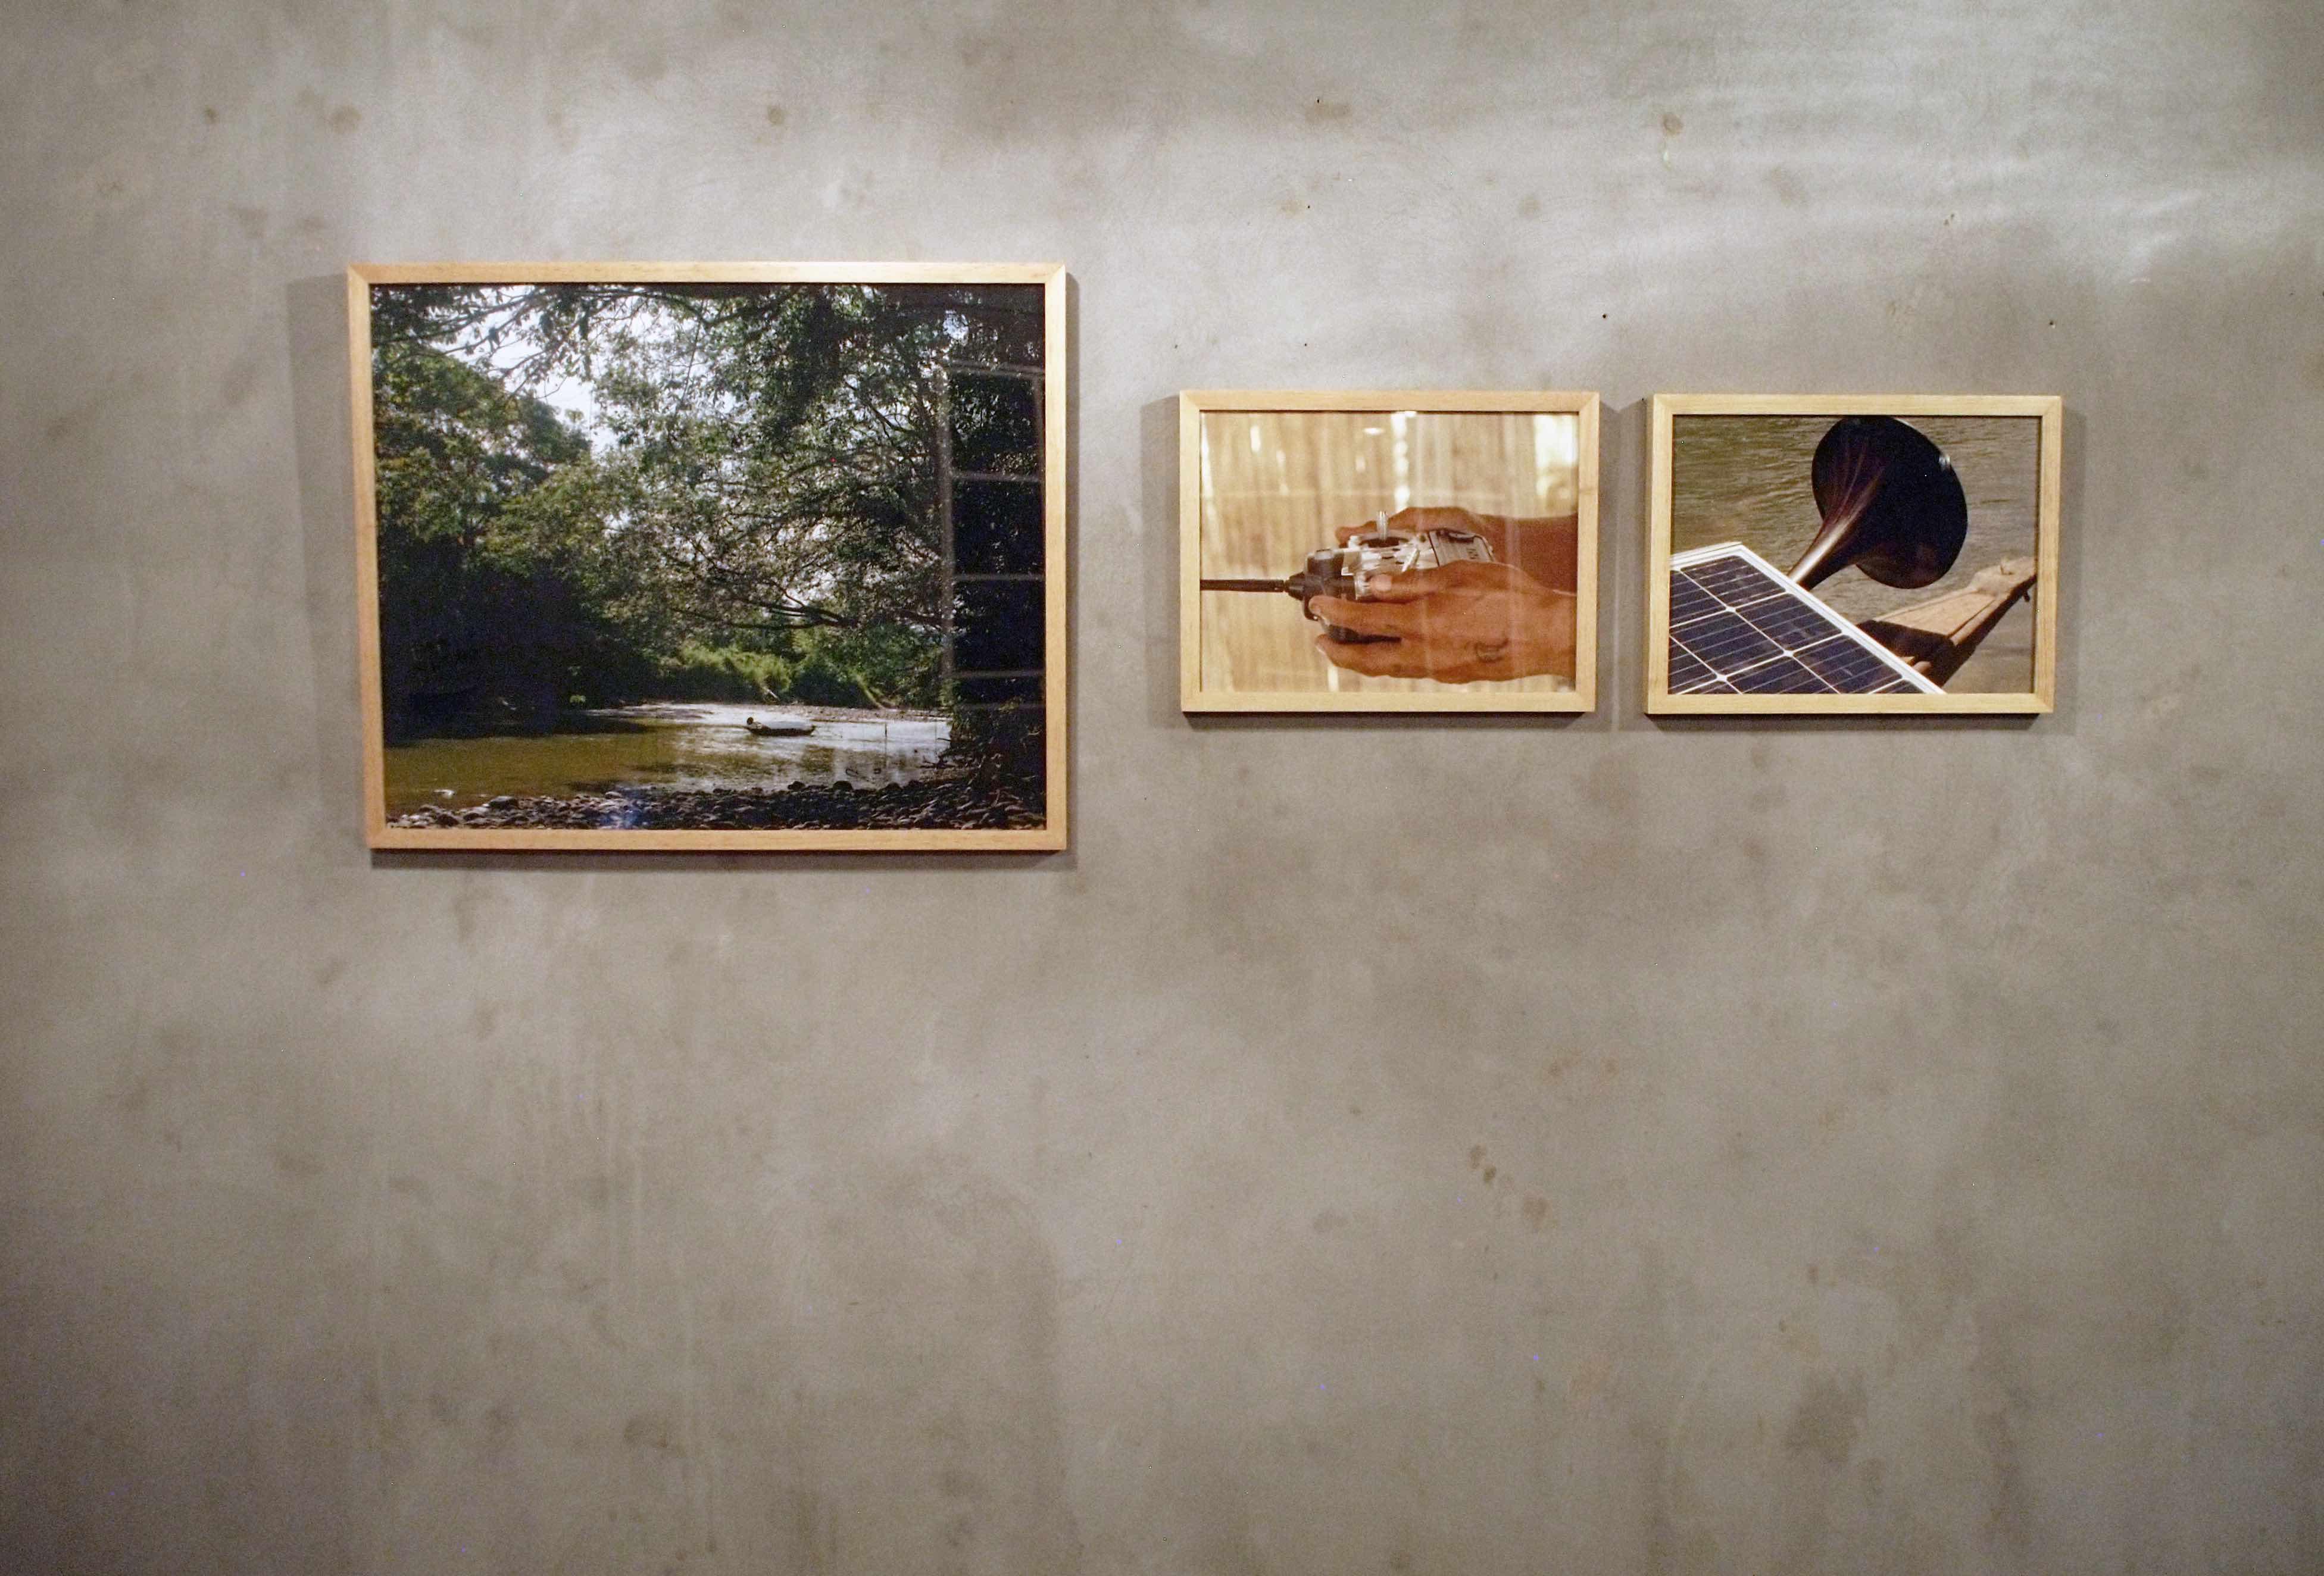 Adrián Balseca, Grabado fantasma, Pájaro piedra, Kino, Ciudad de México, 2020. Cortesía de Kino